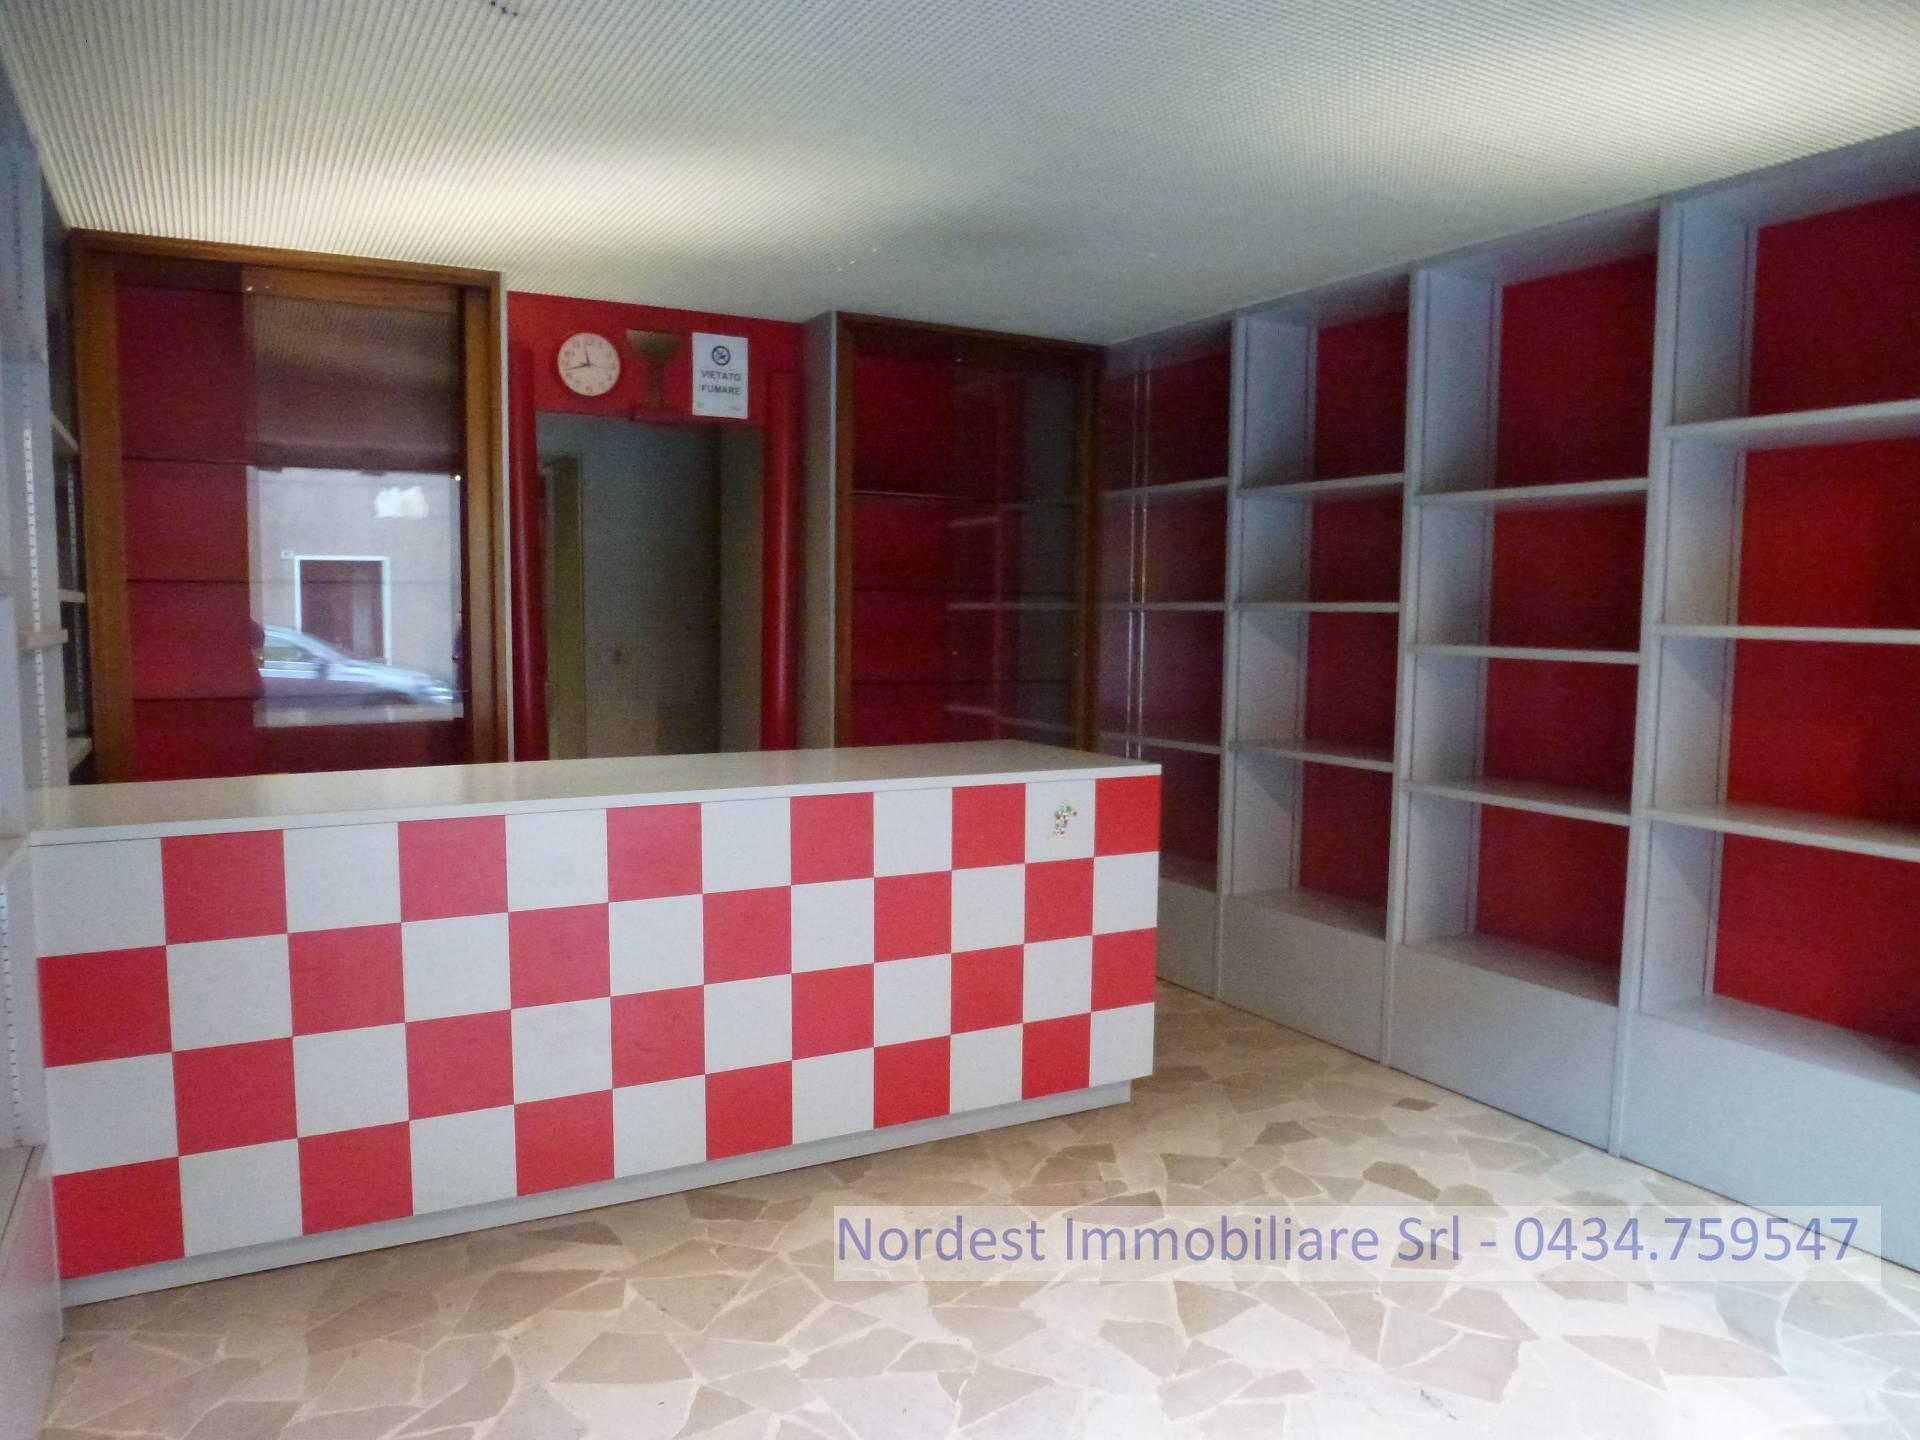 Negozio / Locale in affitto a Gaiarine, 9999 locali, prezzo € 450 | CambioCasa.it